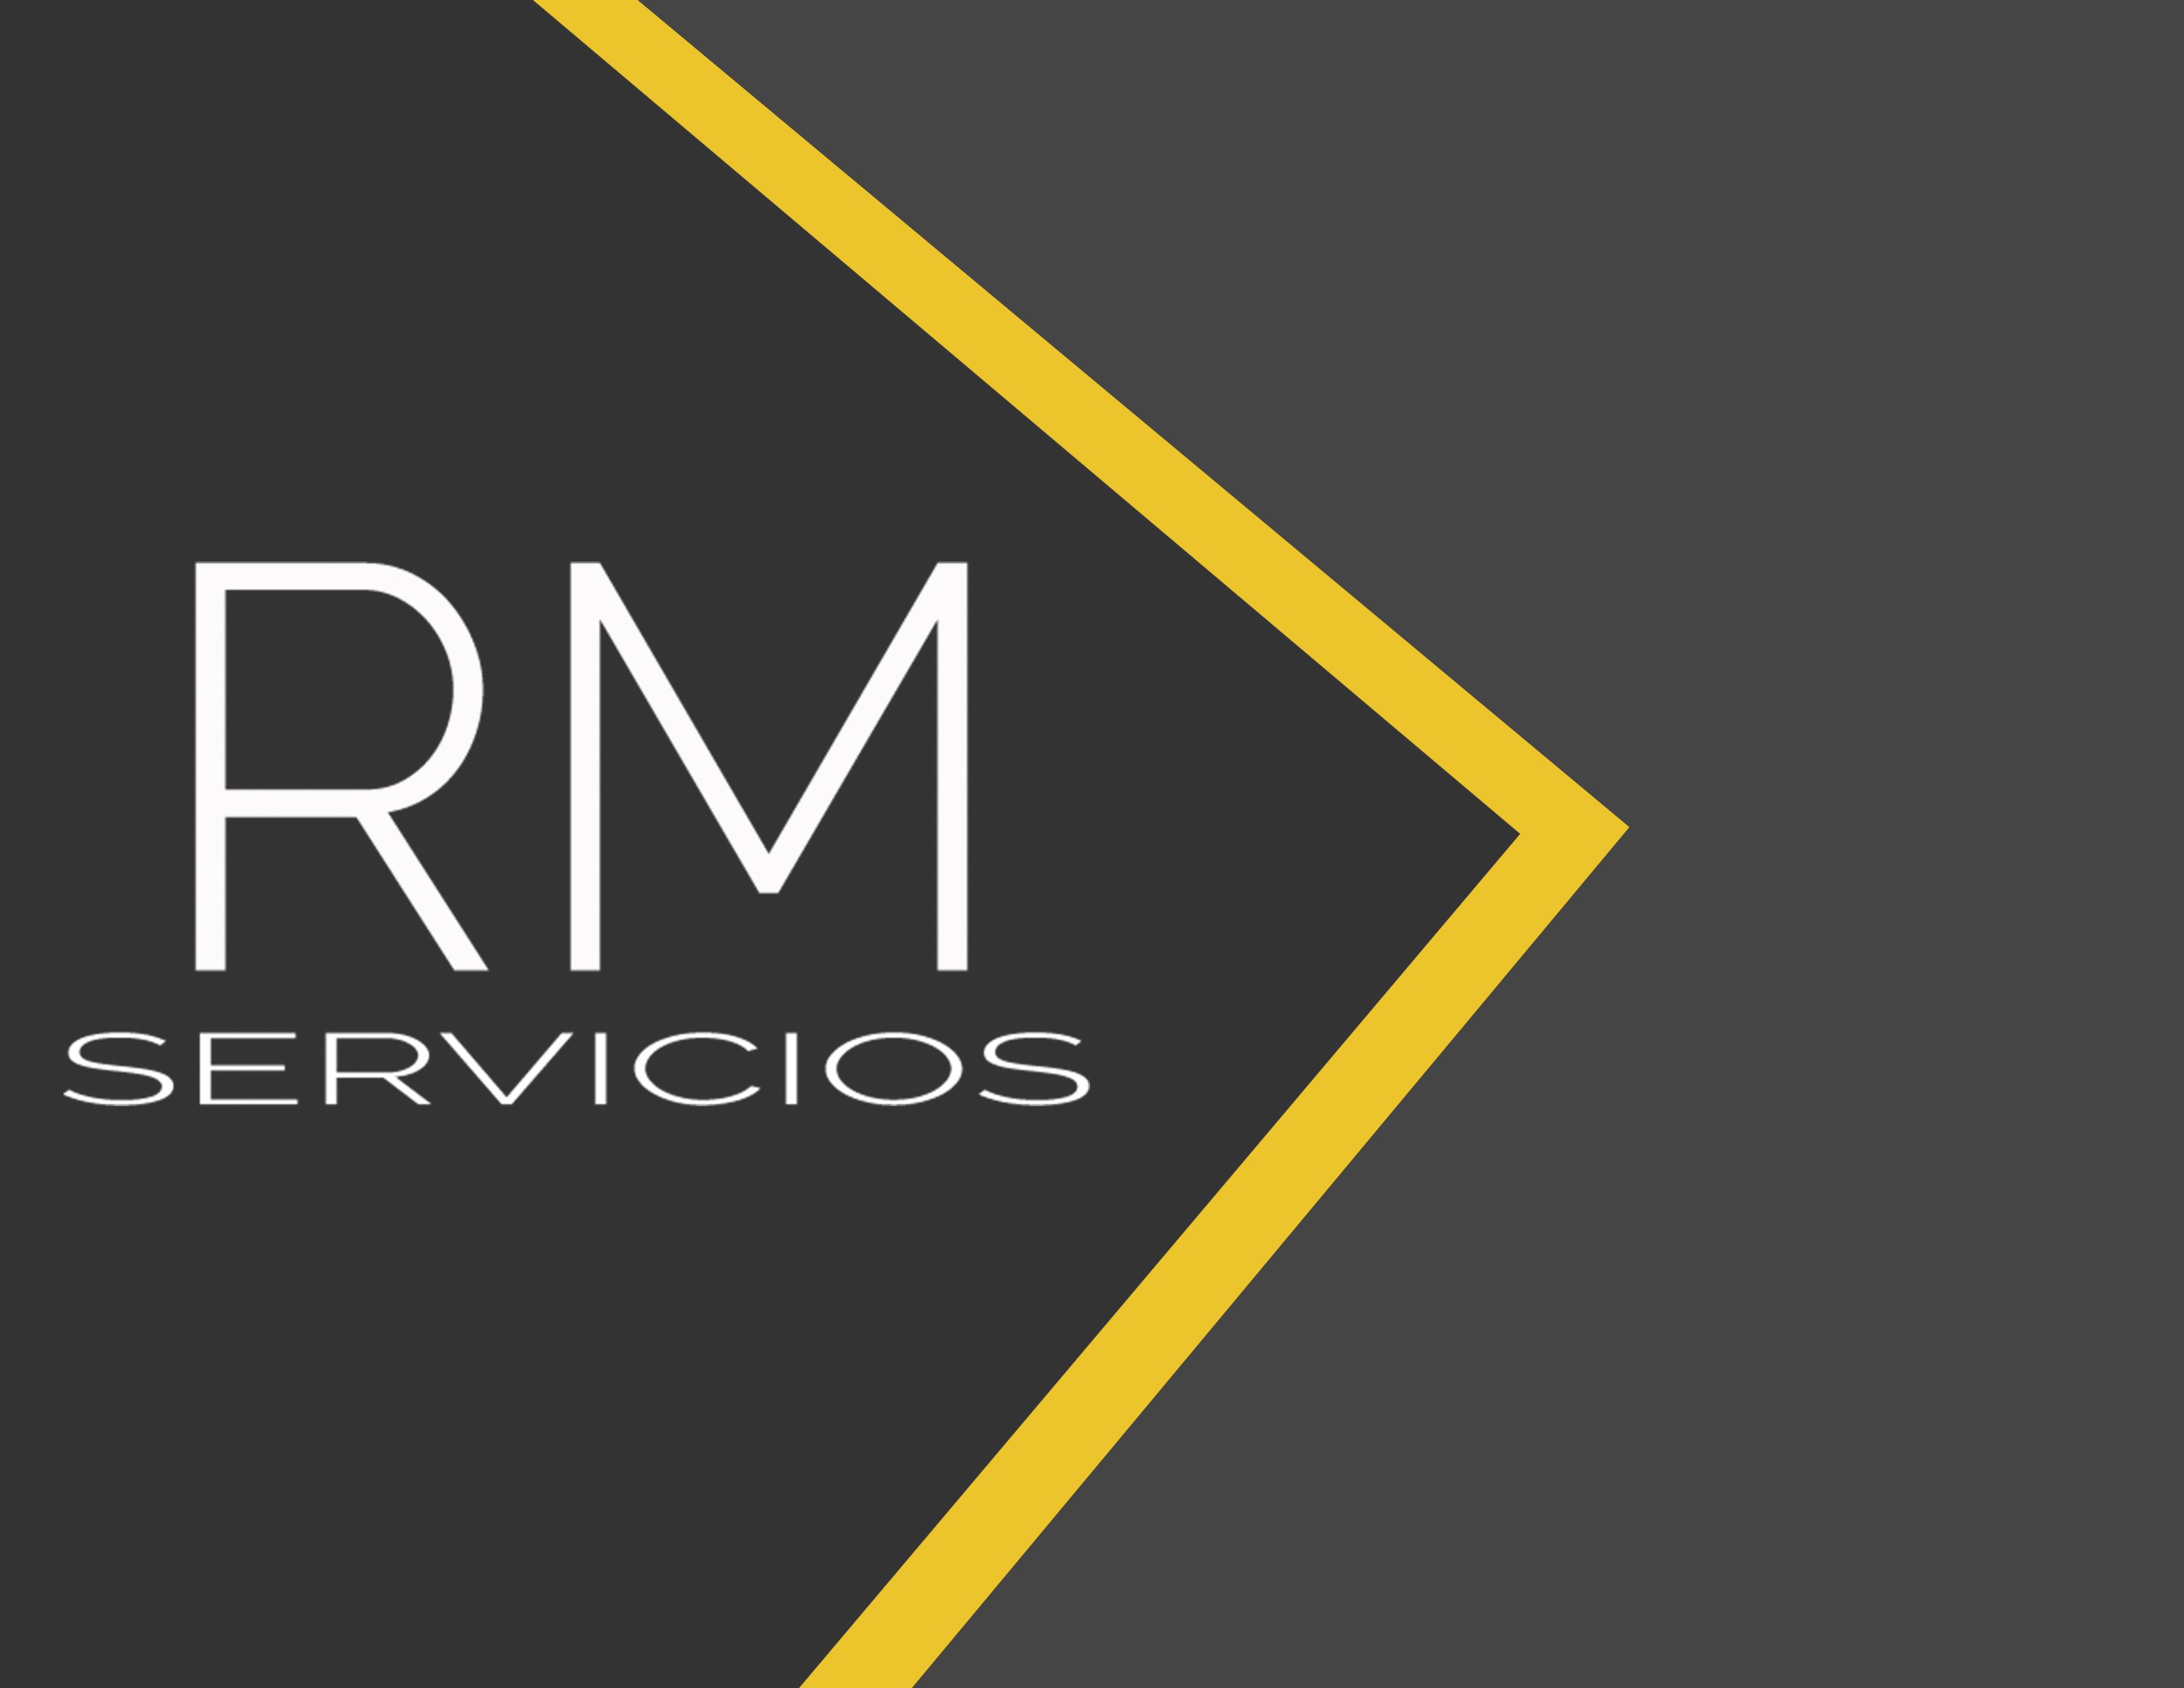 Rm Servicios